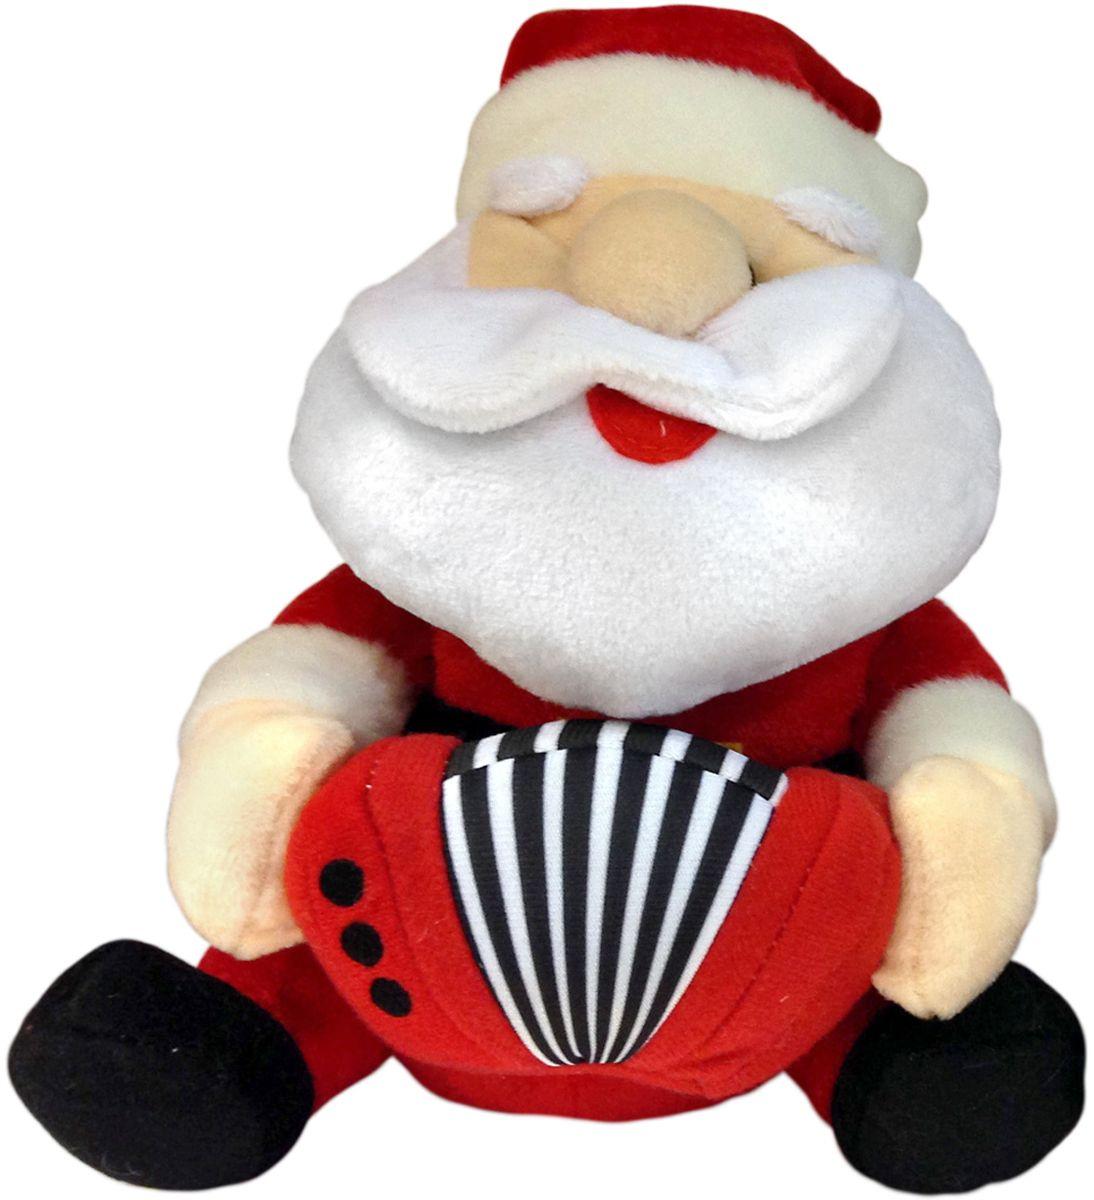 Lapa House Мягкая озвученная игрушка Санта с гармонью 21 см интерактивные игрушки lapa house петушок платоша 43181